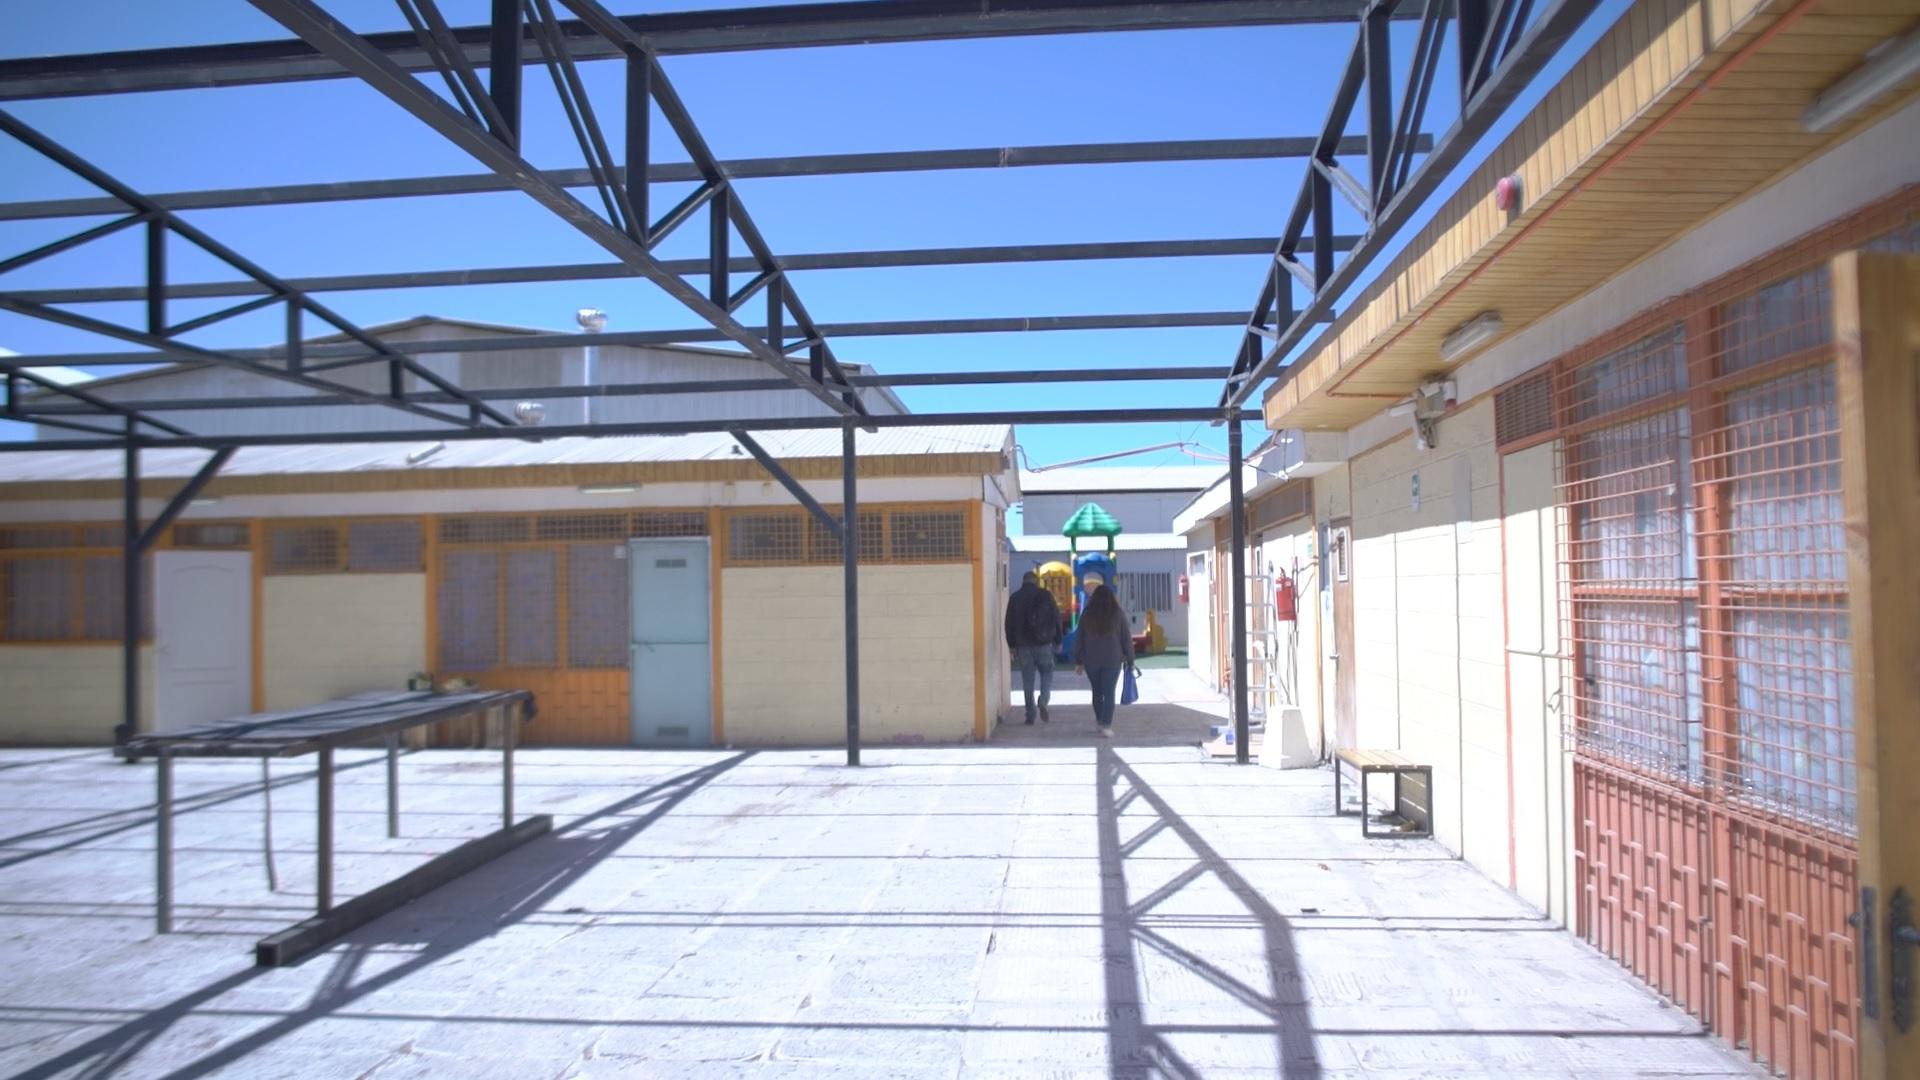 Los primeros días de marzo finalizarán las obras de conservación de la escuela de párvulos Las Ardillas